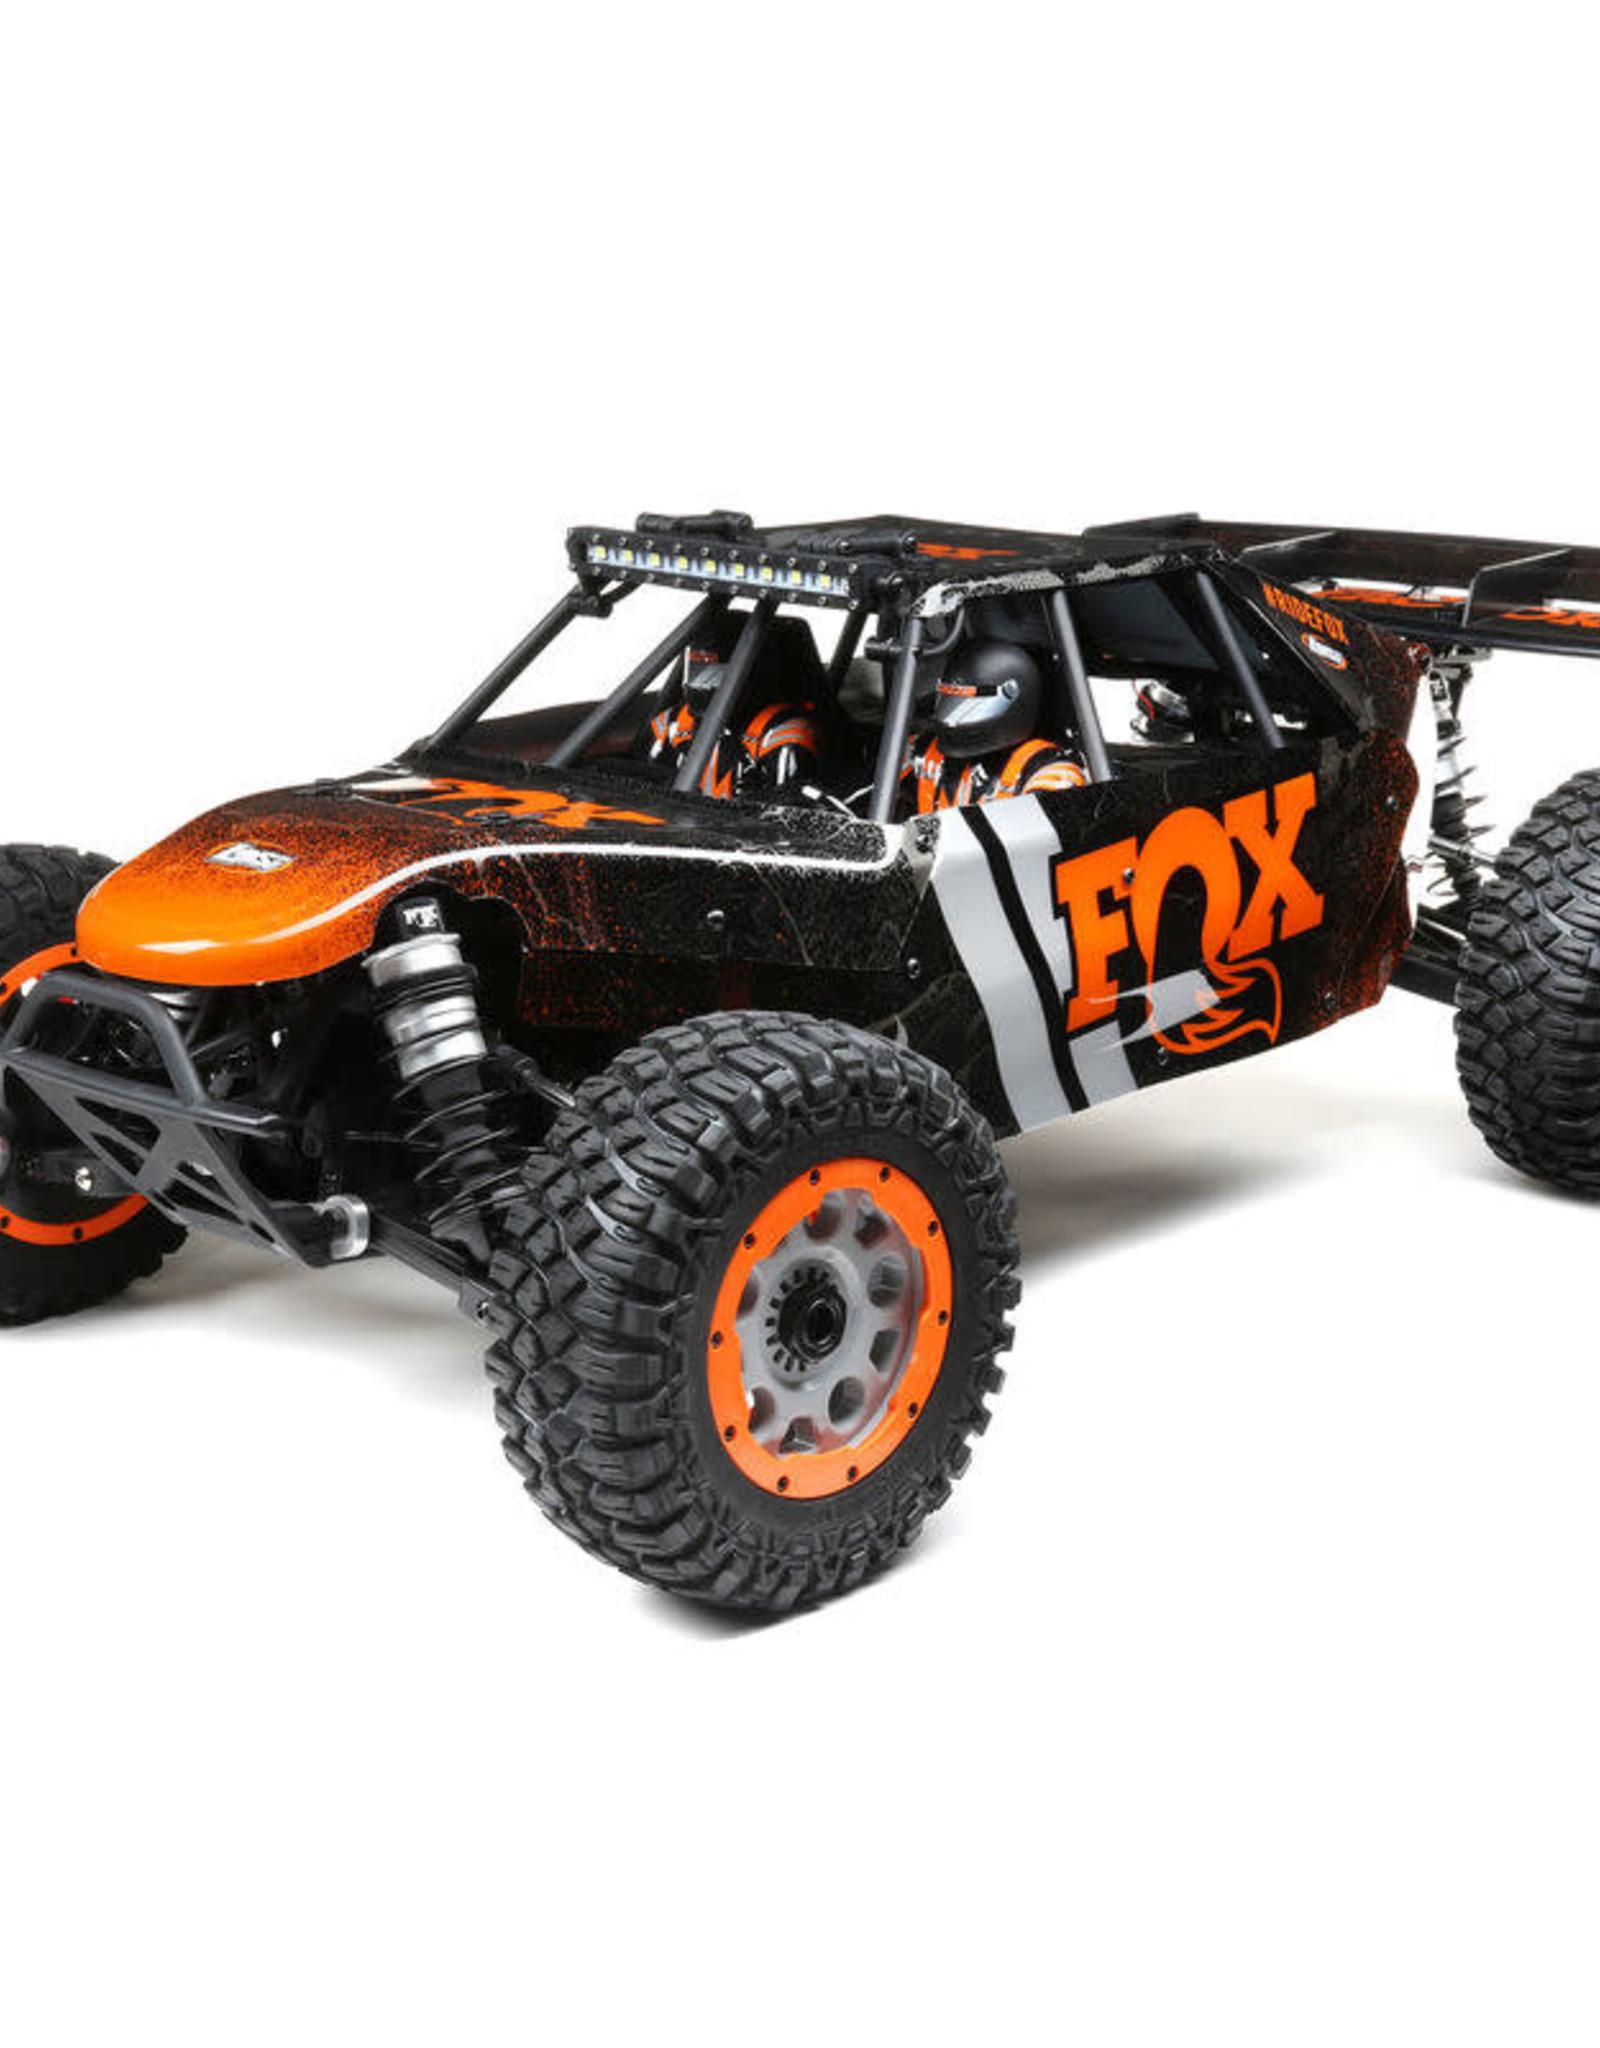 Losi LOS05020T1 DBXL-E 2.0: 1/5th 4wd SMART Electric RTR - FOX